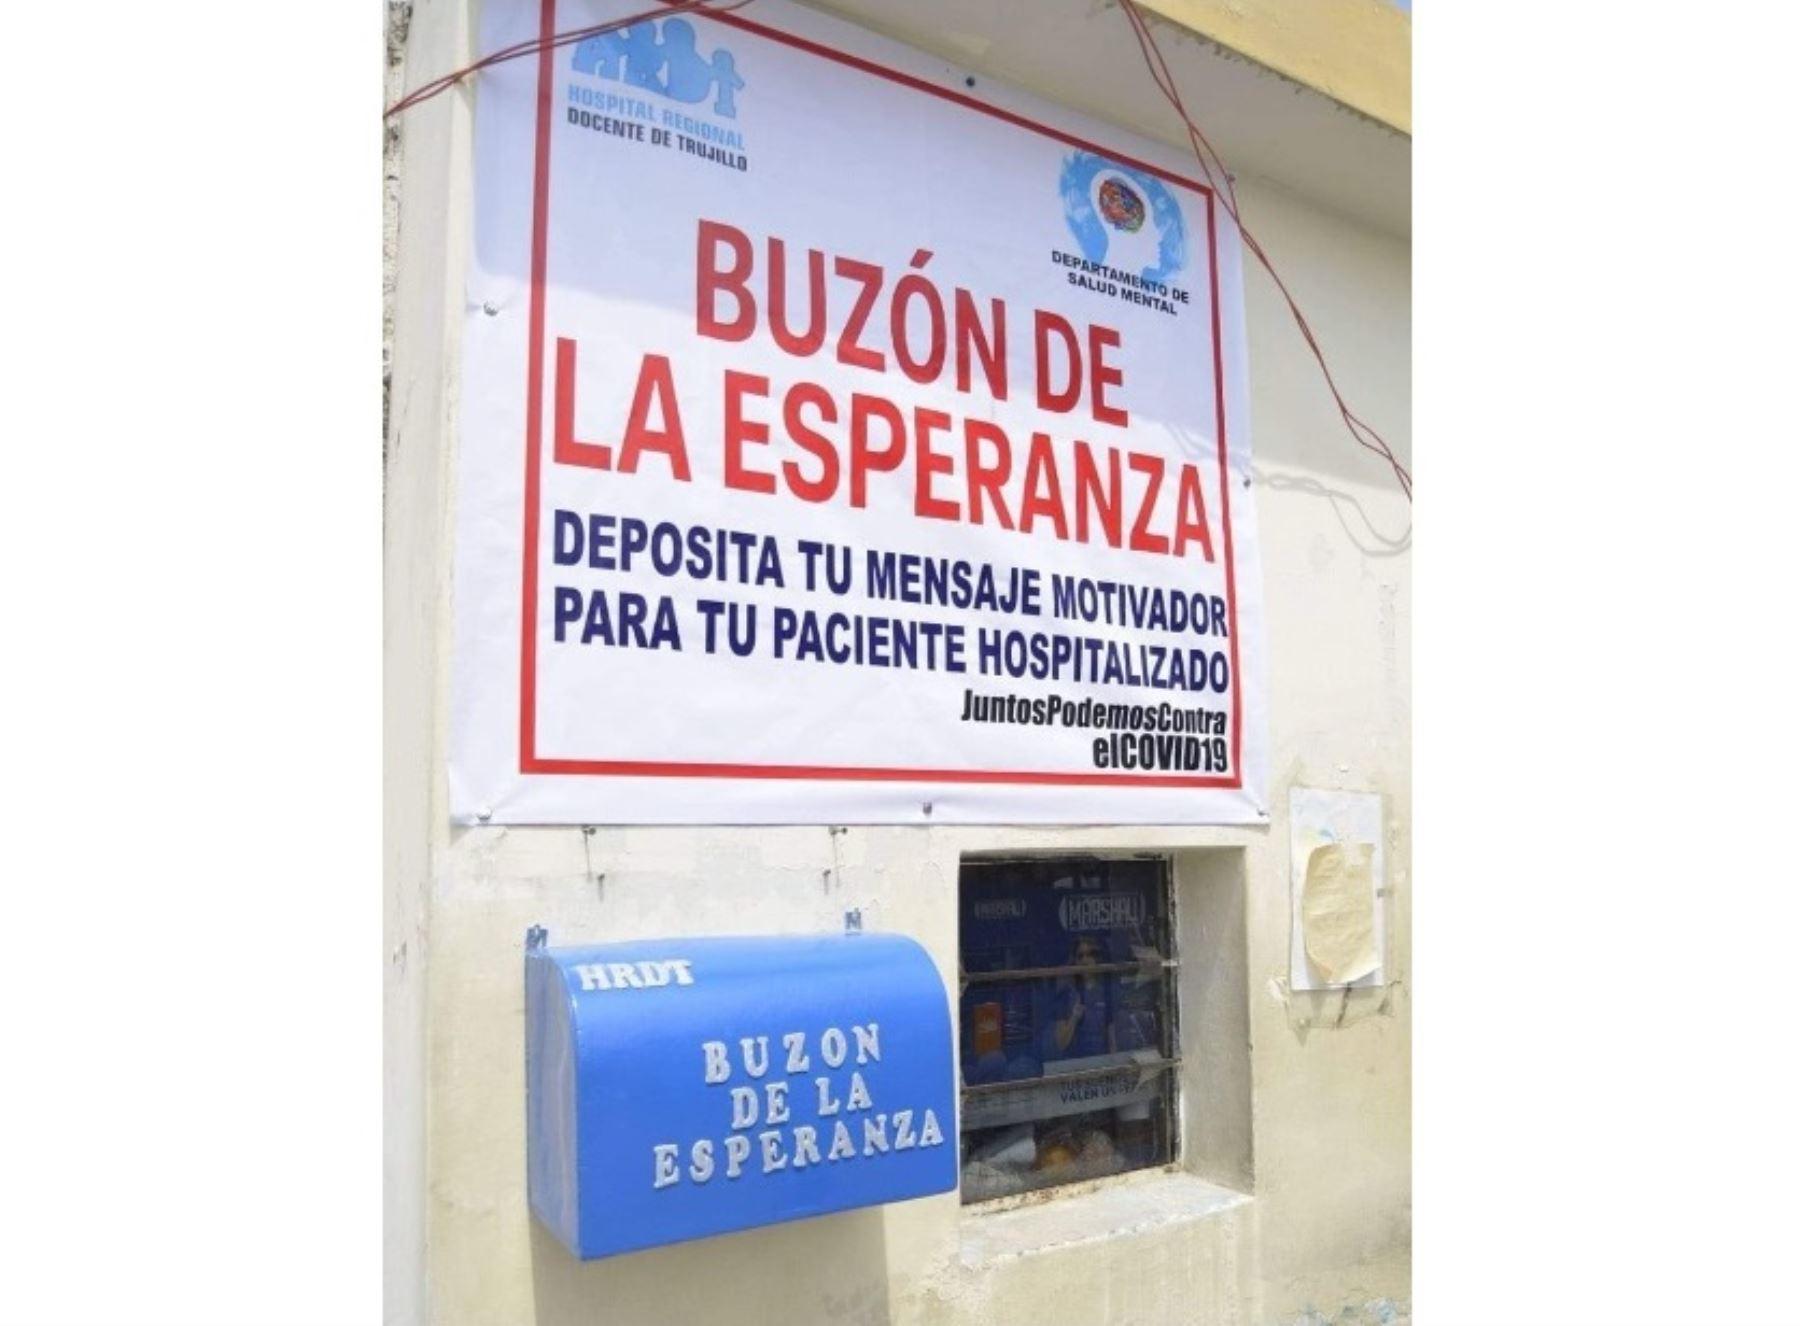 Hospital Regional Docente de Trujillo instala buzón de la esperanza para brindar mensajes de aliento a los pacientes afectados por el coronavirus (covid-19).